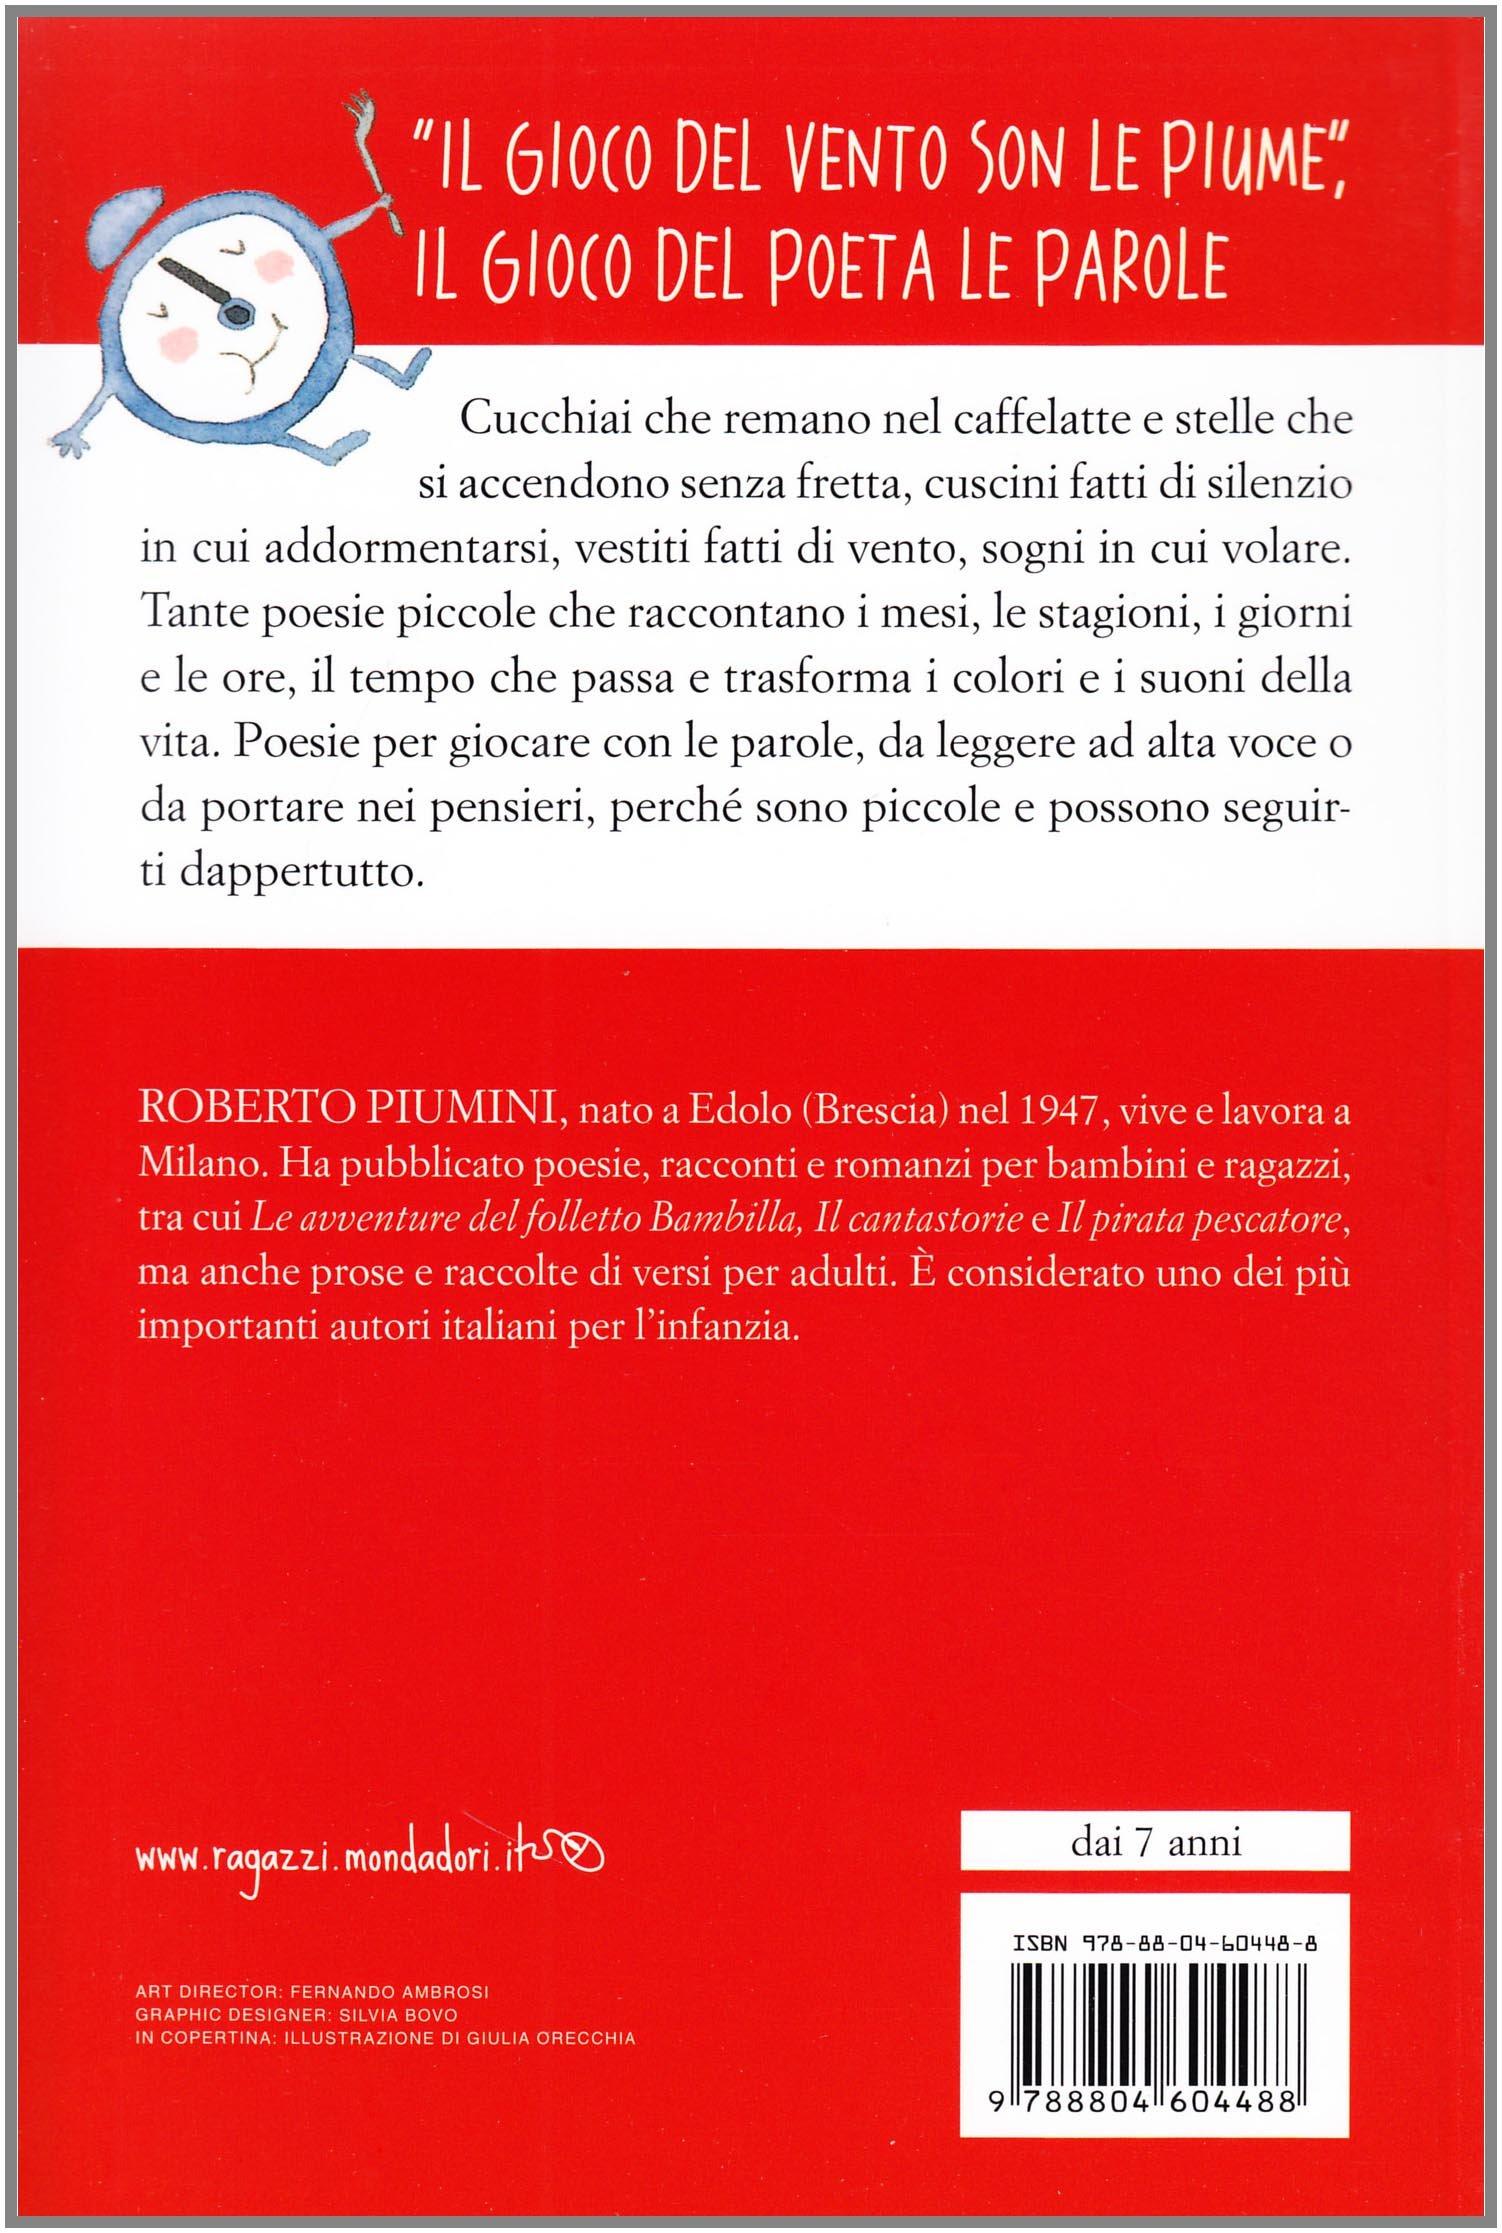 Roberto Piumini | Parole in gioco | Pagina 7